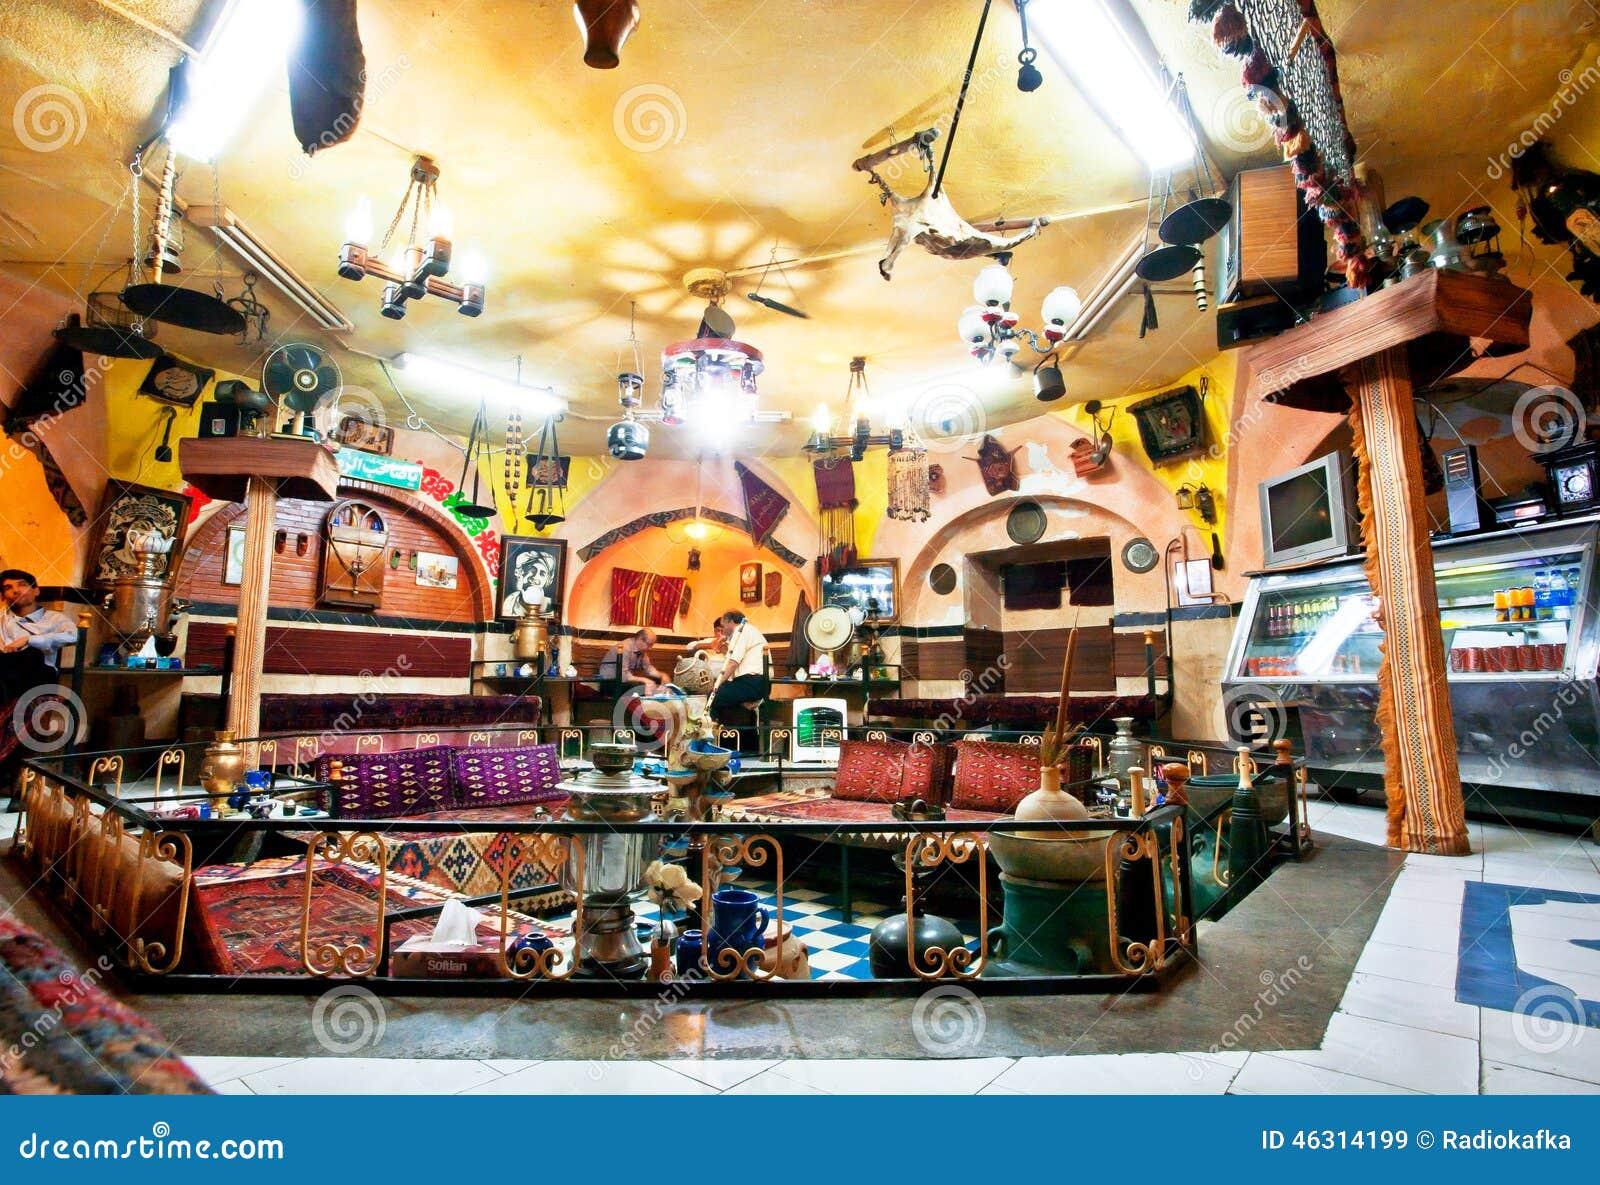 Sort de vieux meubles dans un salon de th persan traditionnel de restaurant - Vieux meubles restaures ...